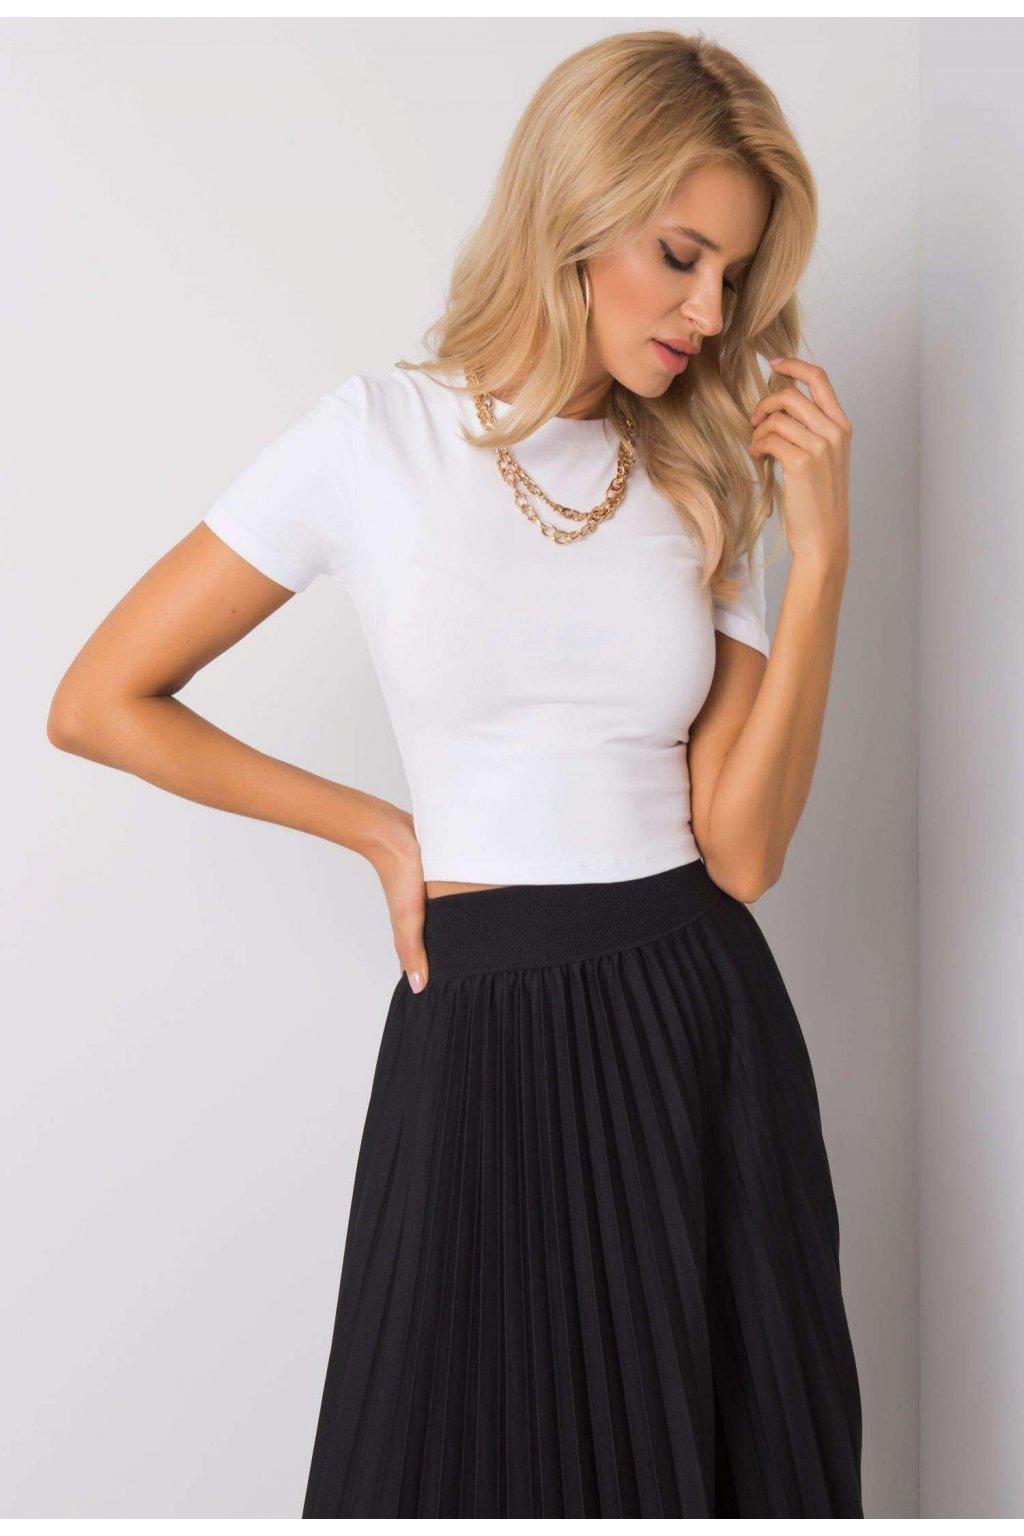 Bílé dámské tričko